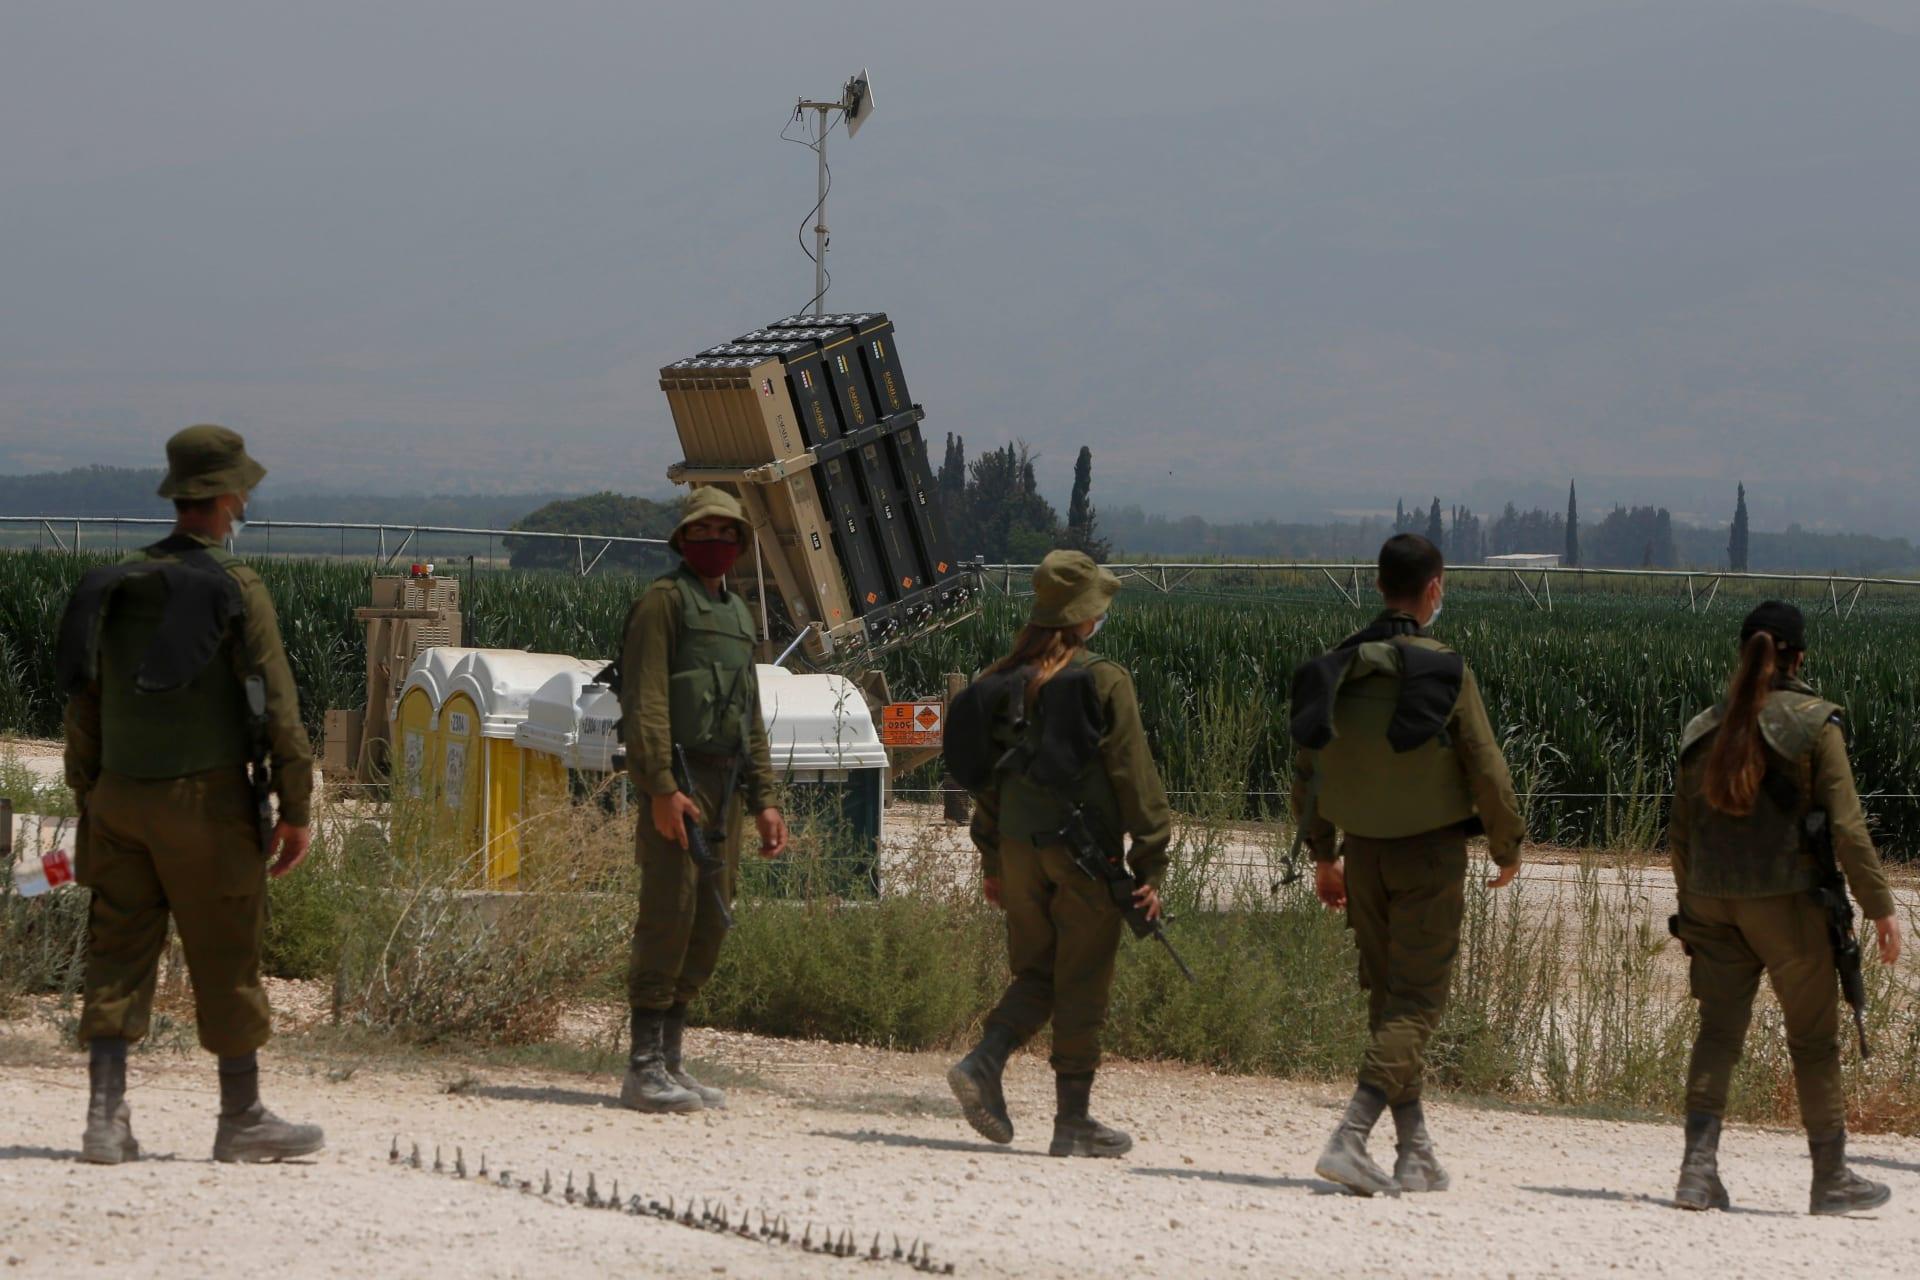 متحدث الجيش الإسرائيلي يعلن إسقاط طائرة مُسيرة عبرت الحدود من لبنان